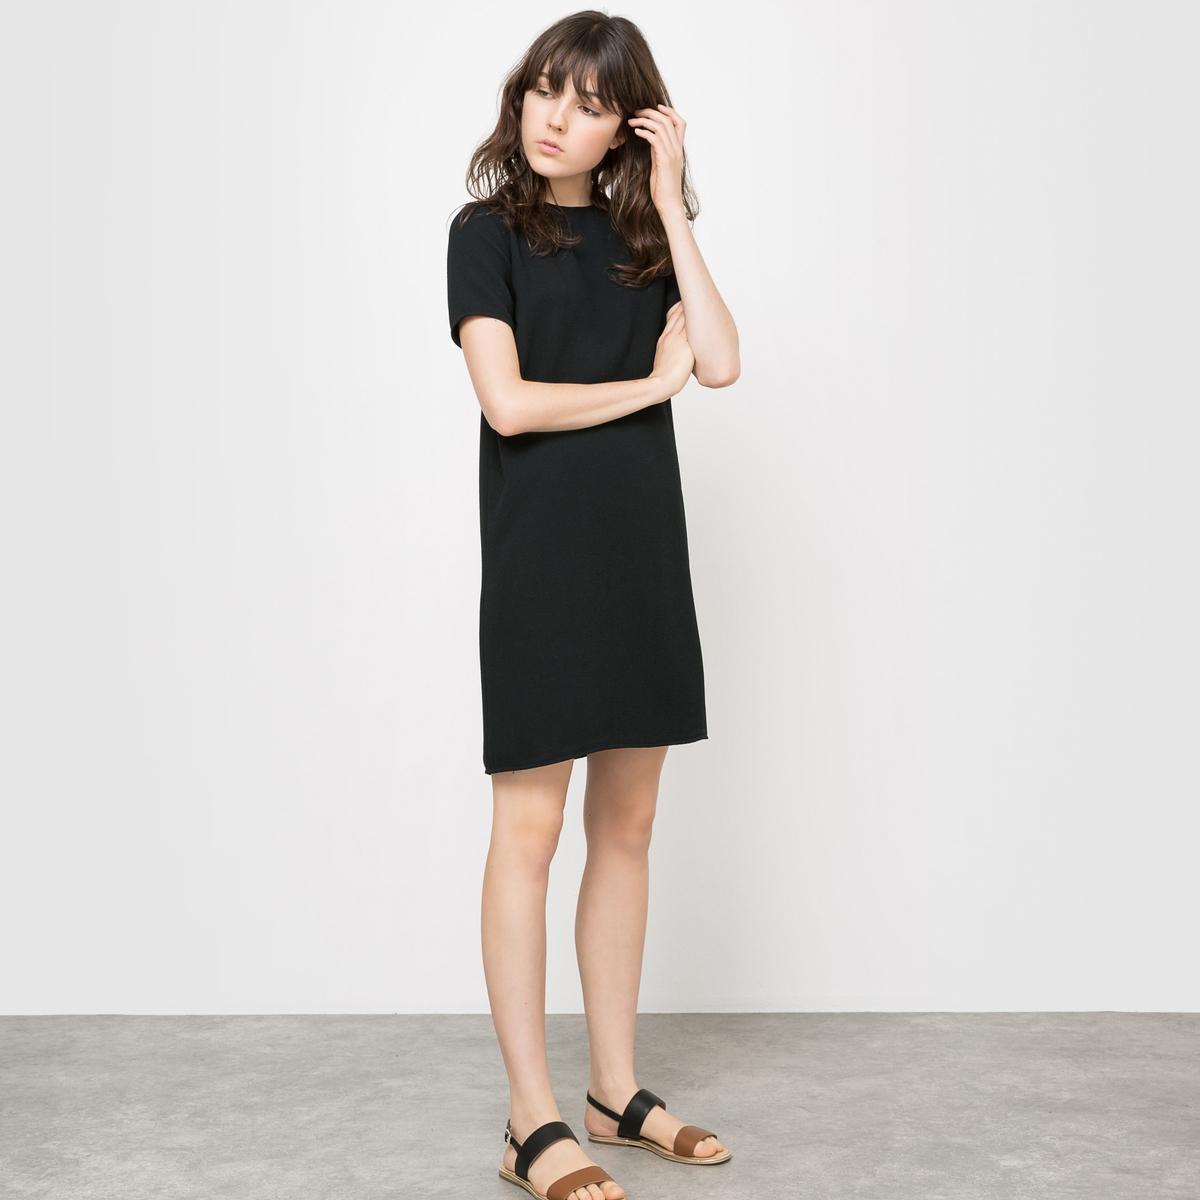 Платье с короткими рукавамиПлатье с короткими рукавами .Изящный прямой покрой, комфортный при носке . Небольшой круглый вырез . Застежка на молнию сзади. . 100% полиэстера с рельефным эффектом . Подкладка 100% полиэстера только для цвета слоновой кости  . Длина 92 см .<br><br>Цвет: бордовый,темно-синий,черный<br>Размер: 50 (FR) - 56 (RUS).46 (FR) - 52 (RUS).44 (FR) - 50 (RUS).48 (FR) - 54 (RUS)